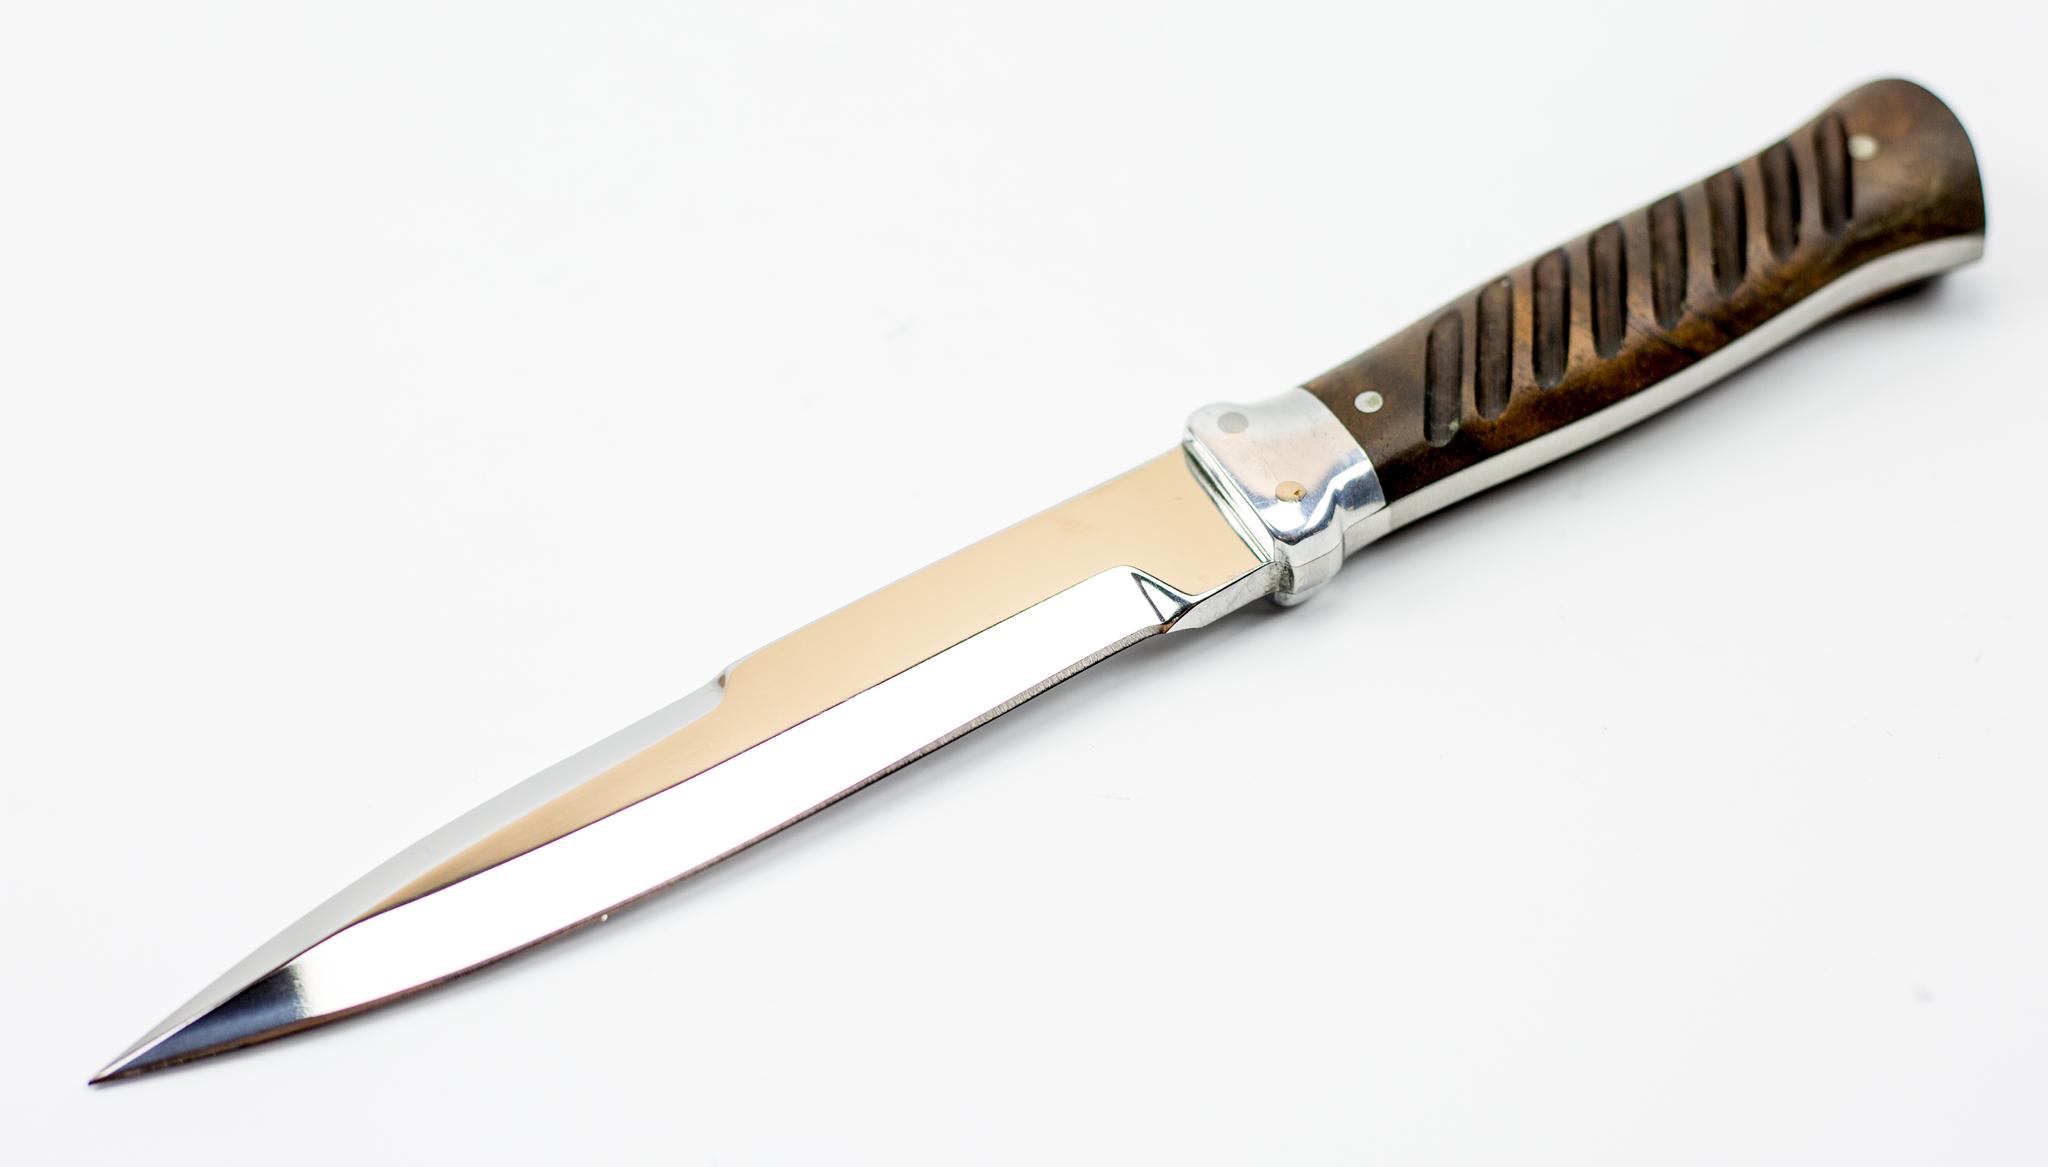 Фото 8 - Окопный нож, цмт от Павловские ножи